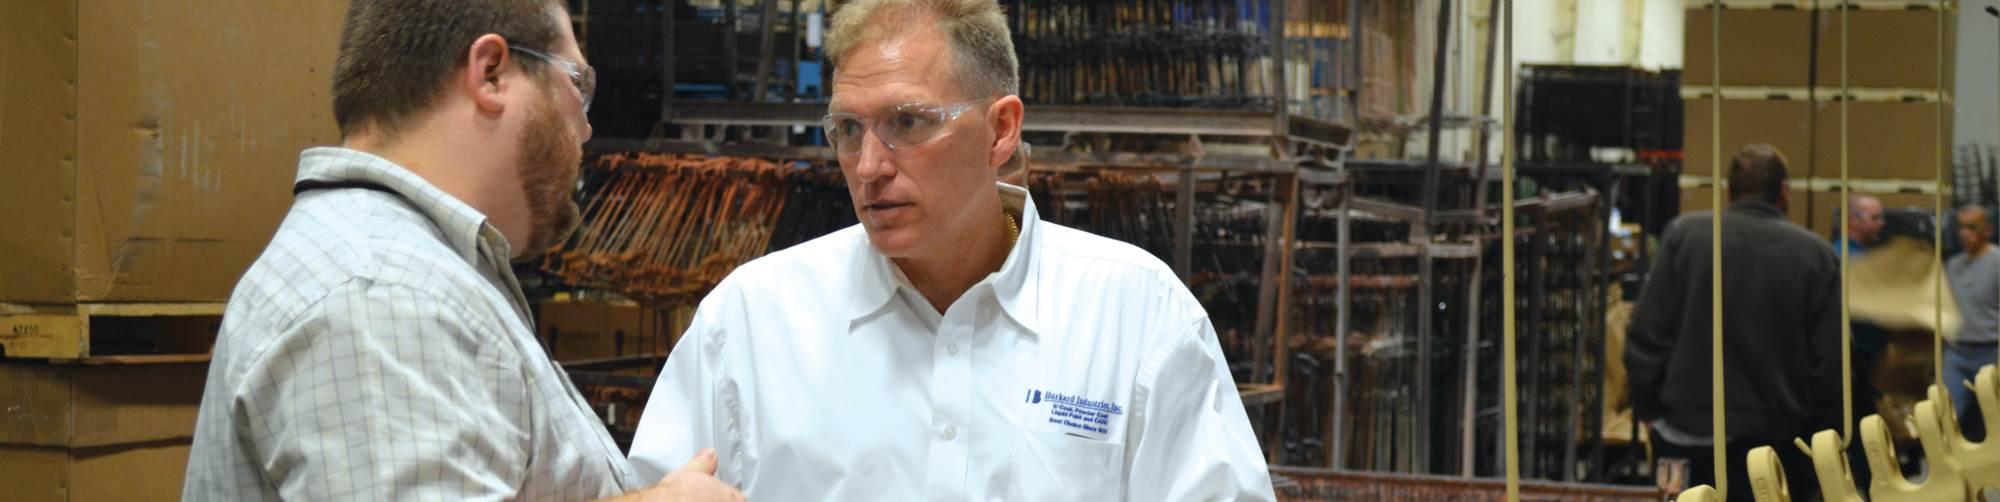 Jay Burkard, right, president of Burkard Industries